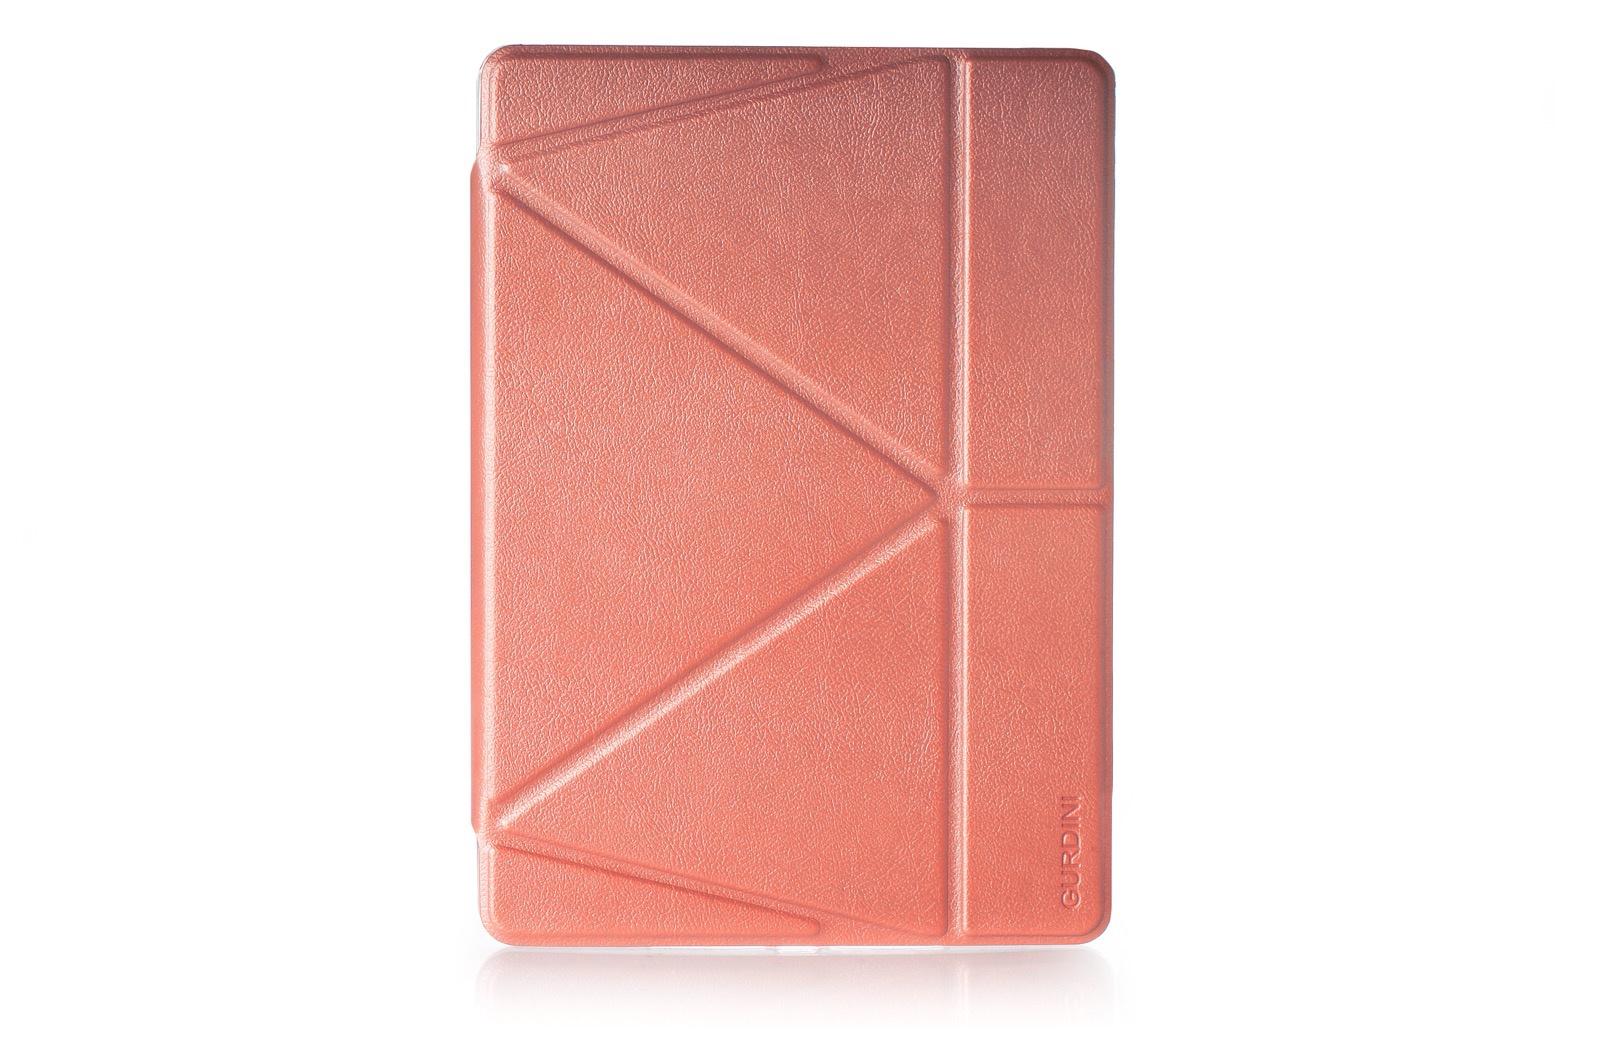 """Чехол для планшета Gurdini Lights Series 903684 для Apple Ipad mini 4 7.9"""" , 903684, темно-розовый"""